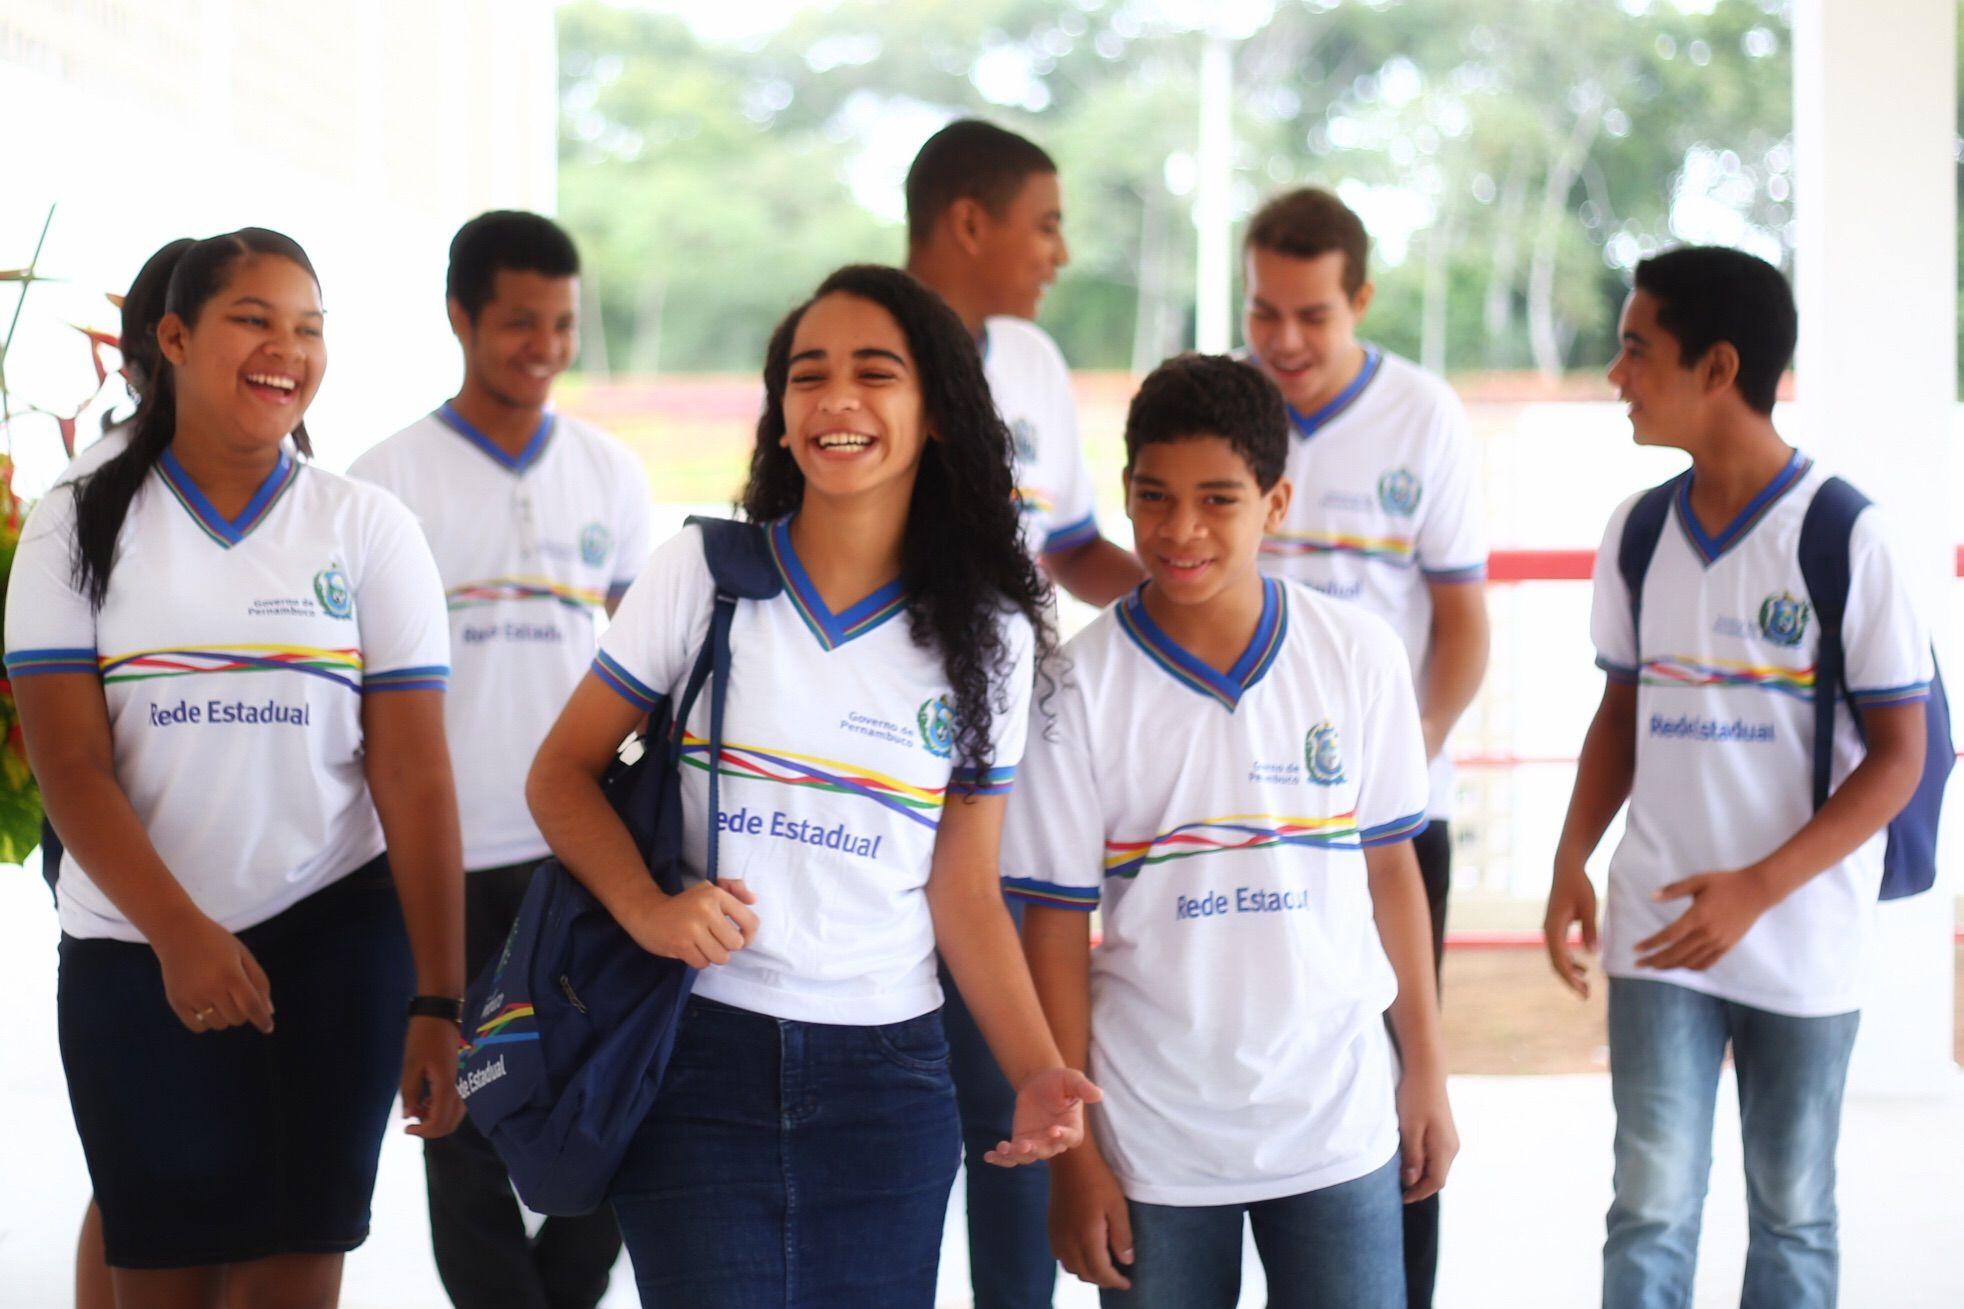 A unidade será a terceira da Mata Norte, fortalecendo o ensino profissional em 17 municípios da região  PAUDALHO - O governador Paulo Câmara entregou, na manhã desta quarta-feira (24.02), a 30° un...